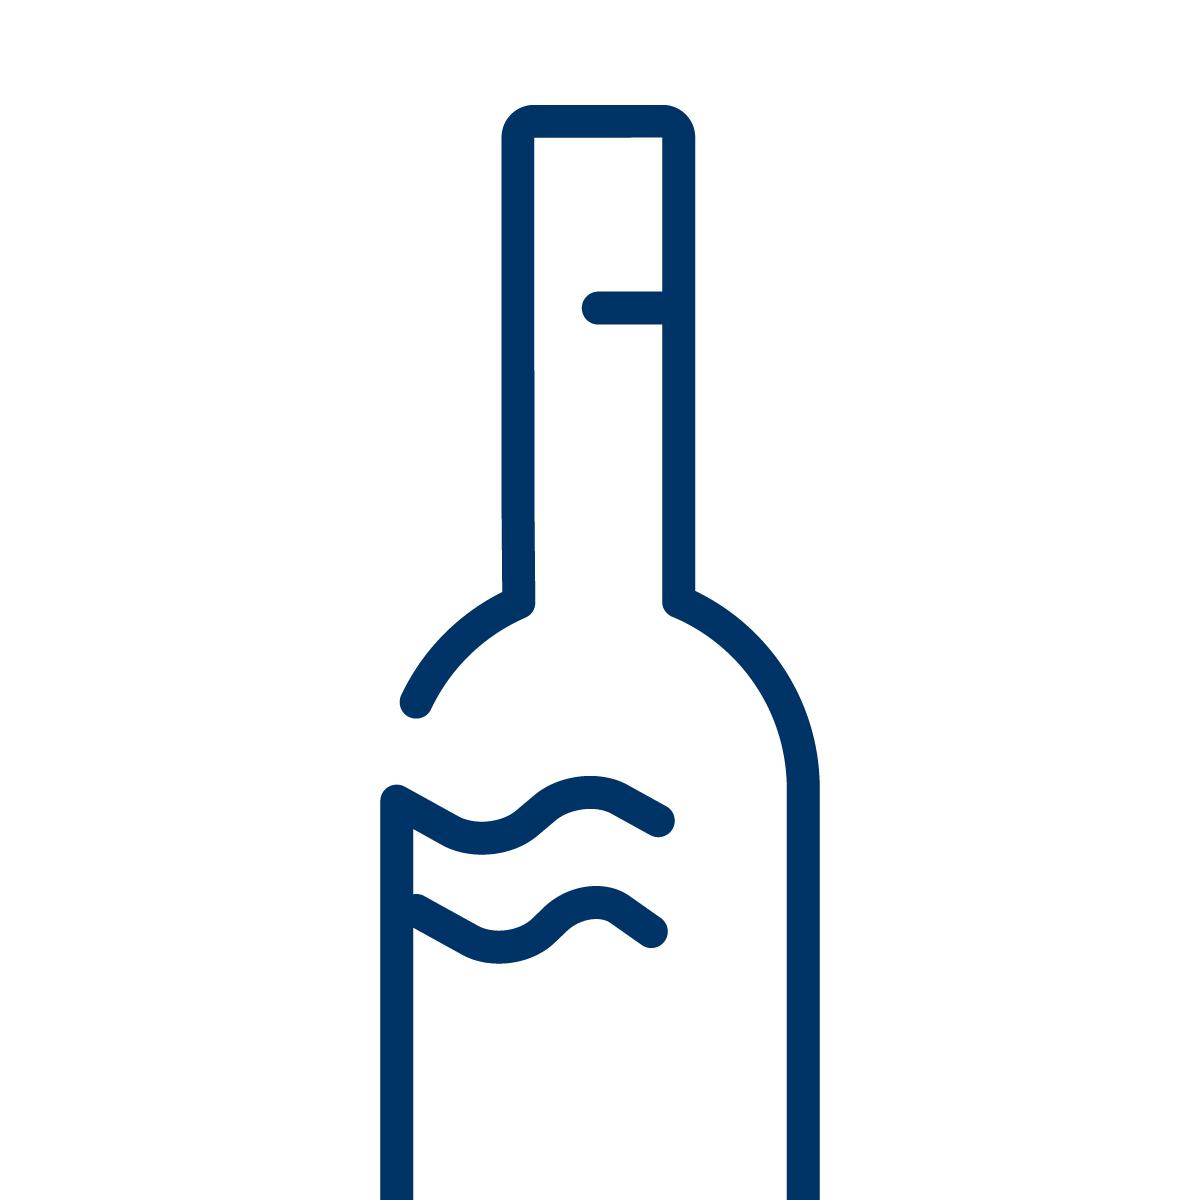 Tequila Casa Dragones Joven C/Estuche personalizable - 750 ml